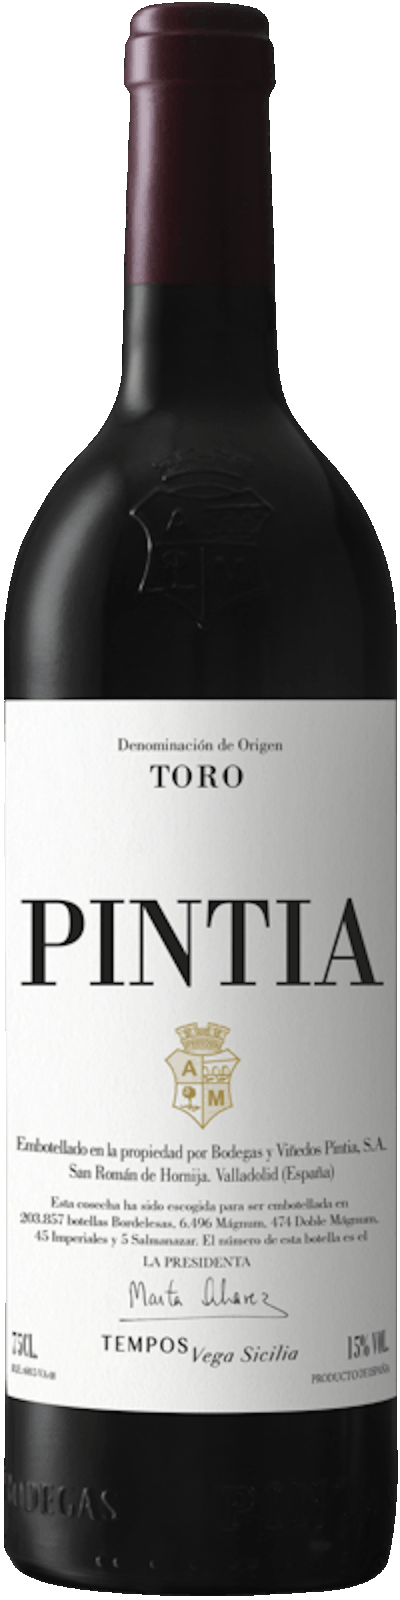 Bodeags Pintia - Pintia Toro DO